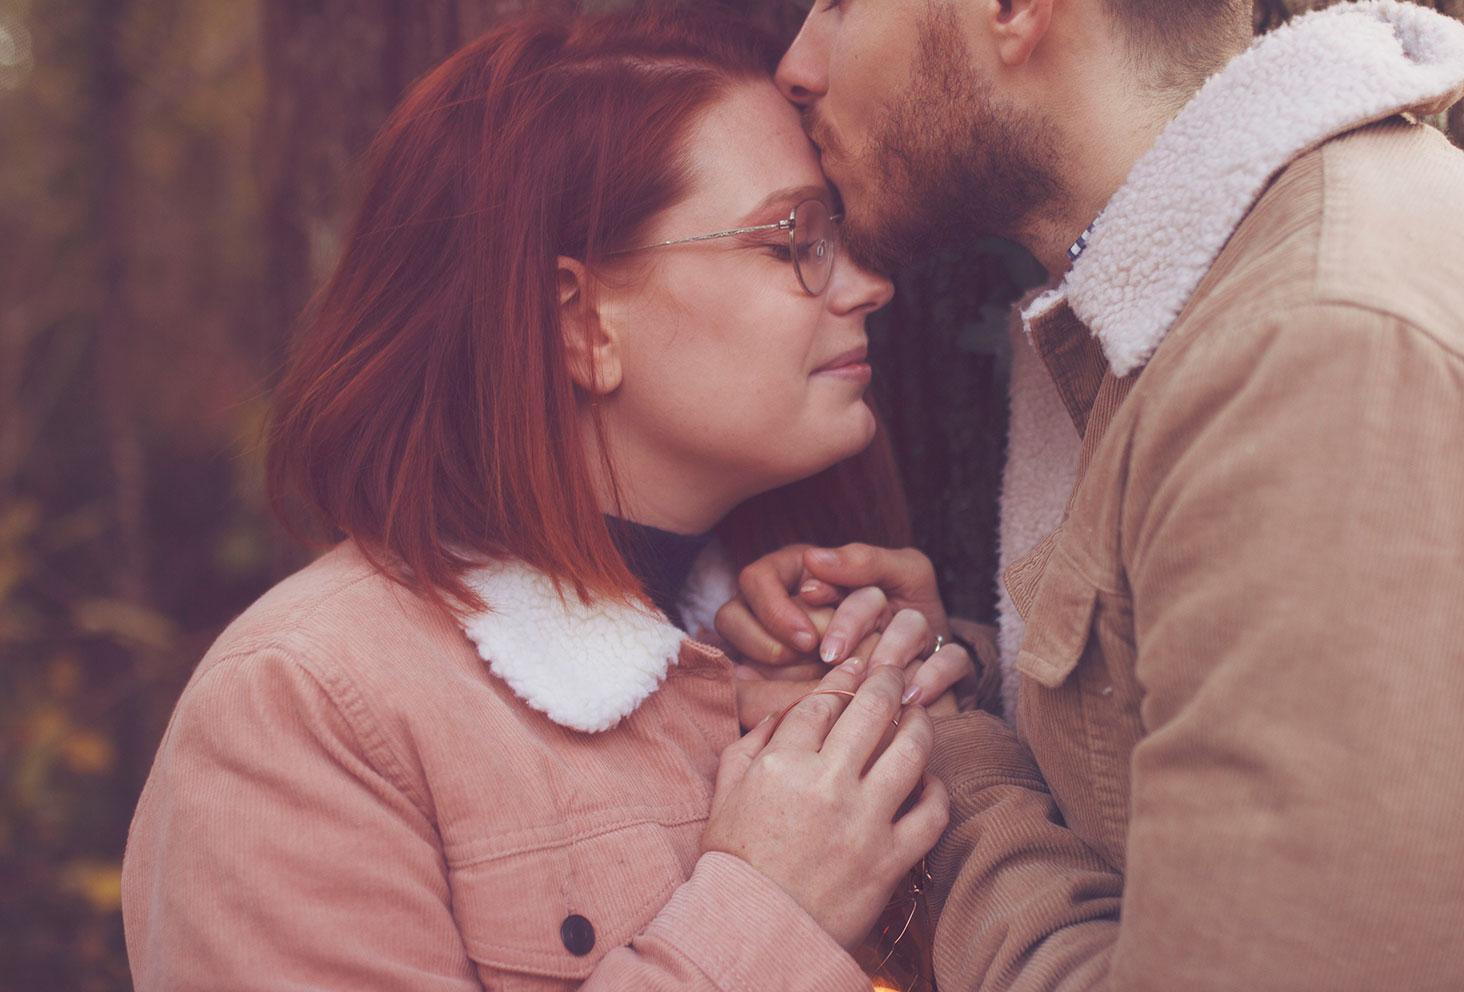 Bisou d'amoureux sur le front pendant des photos de couple au milieu de la forêt en automne